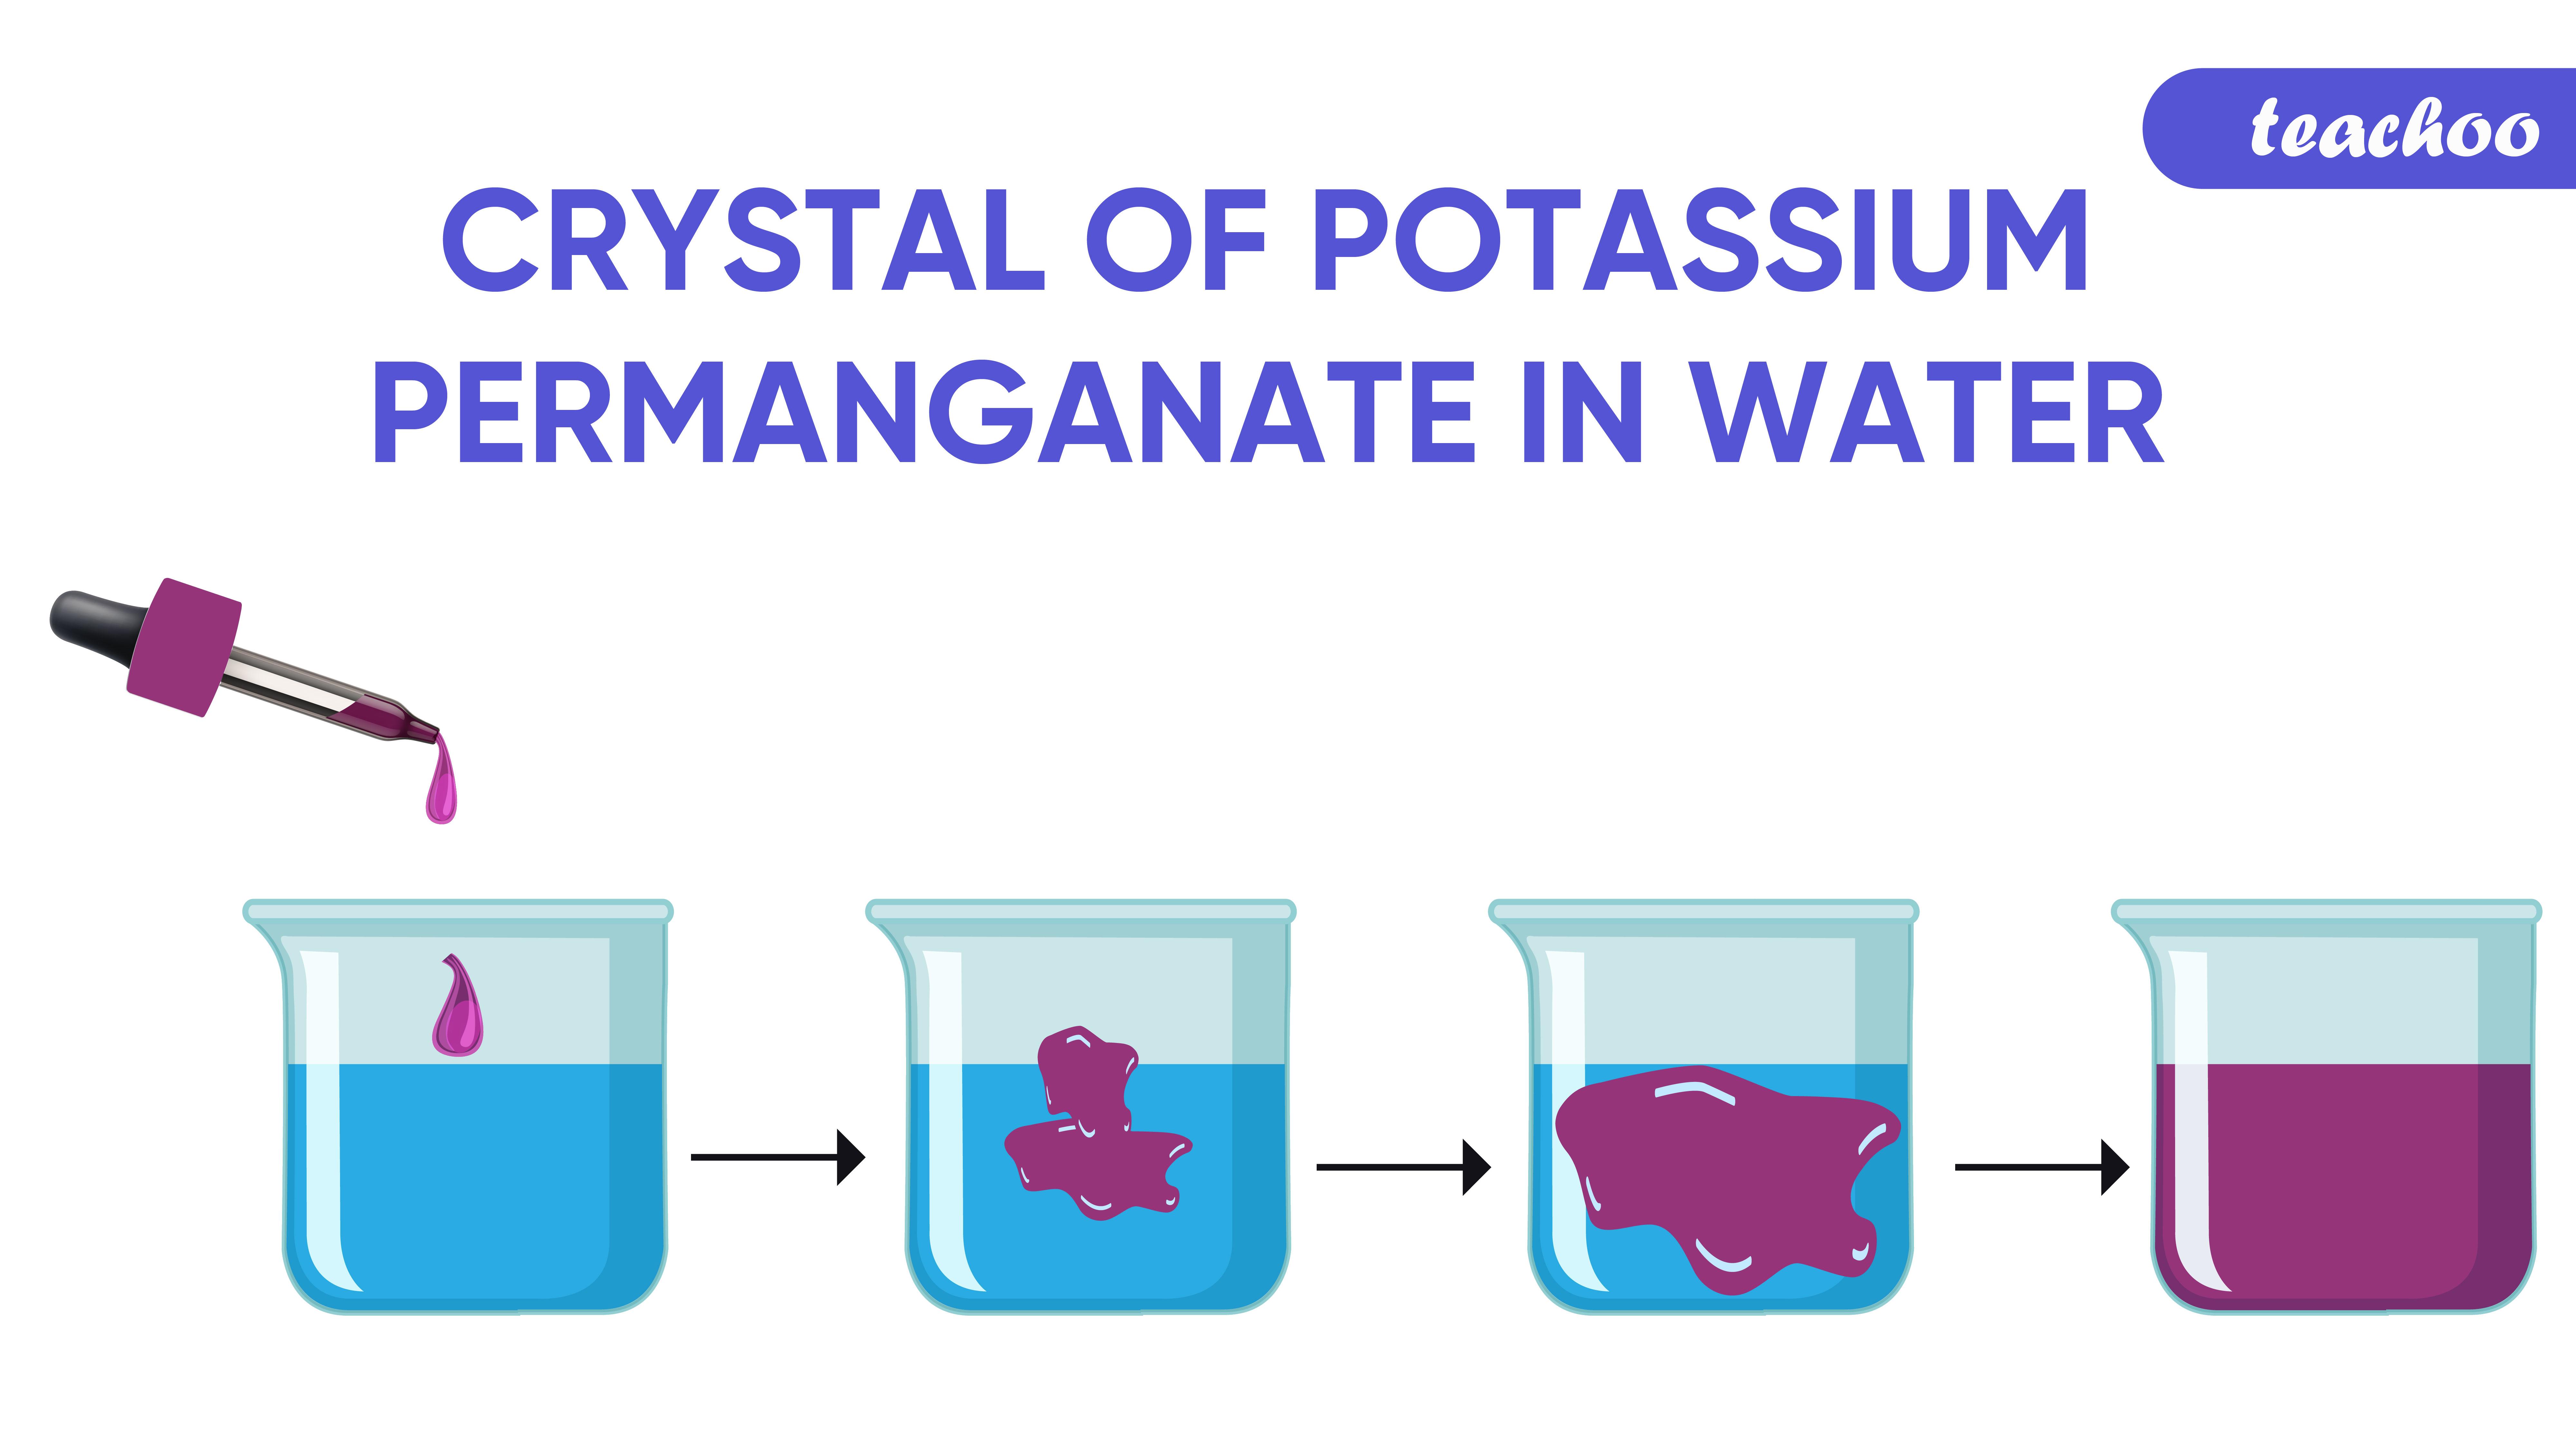 Crystal of potassium permanganate in water-Teachoo-01.jpg